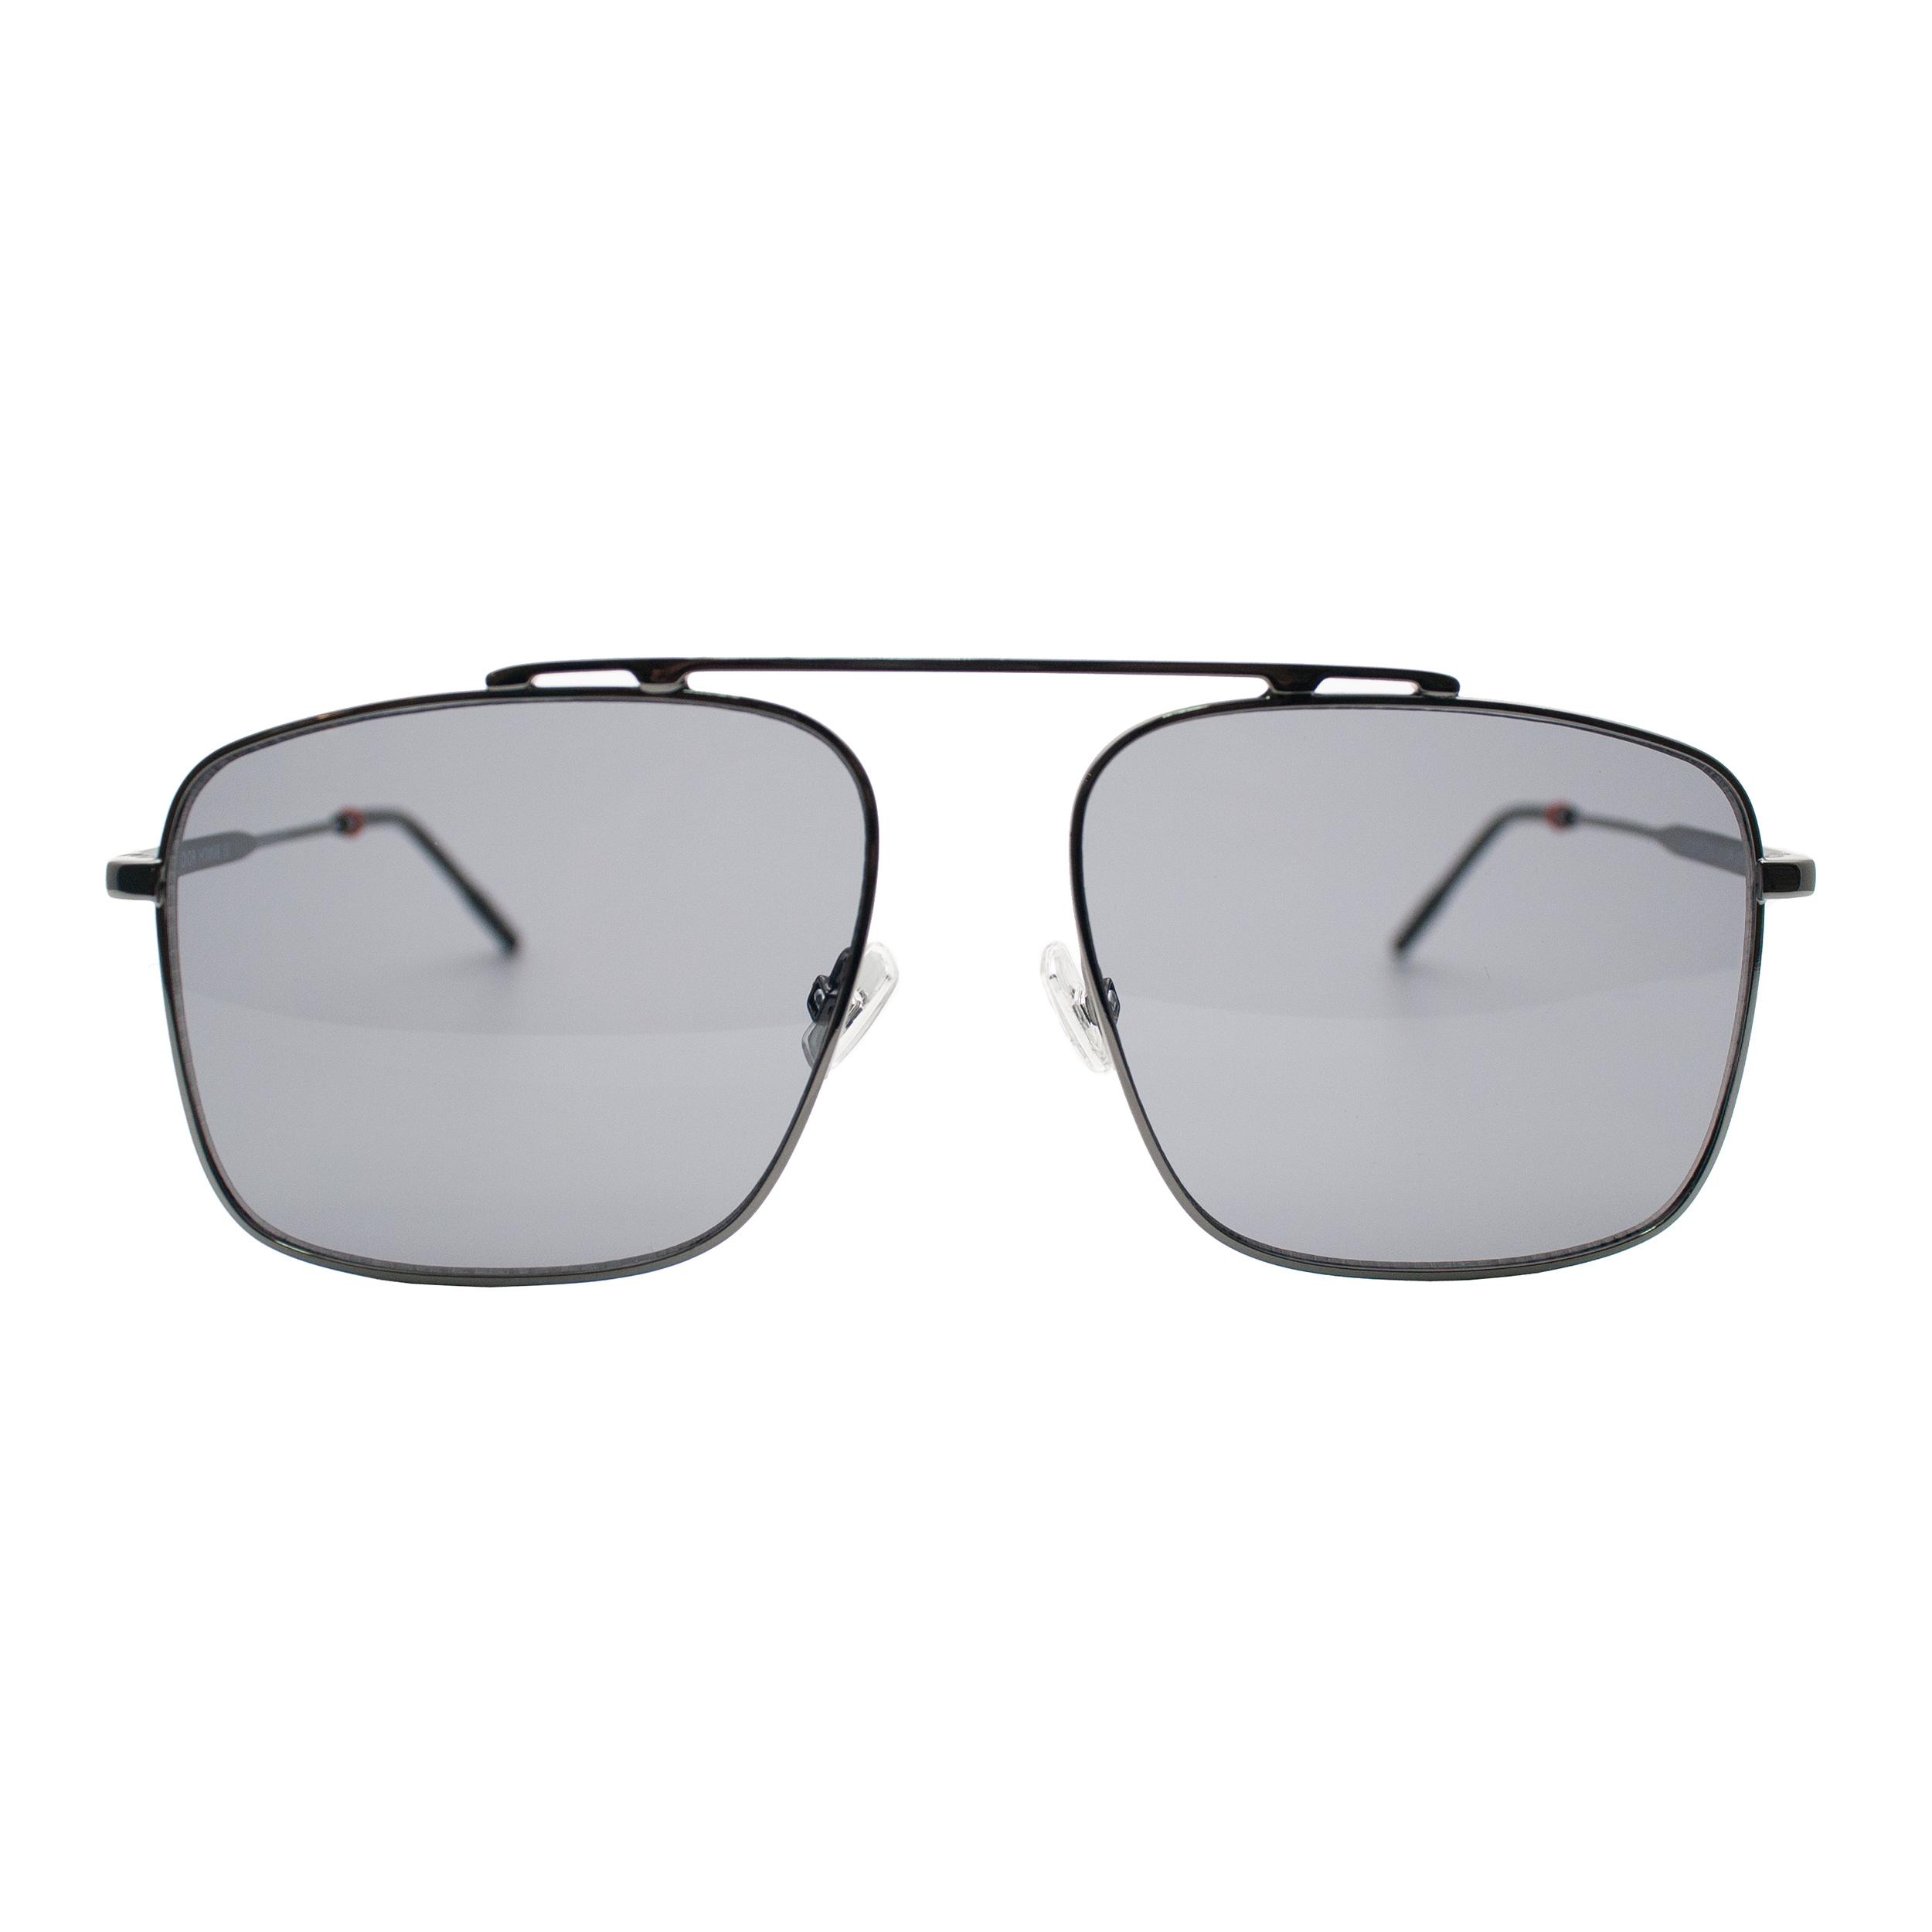 عینک آفتابی دیور مدل 0220s-010ir